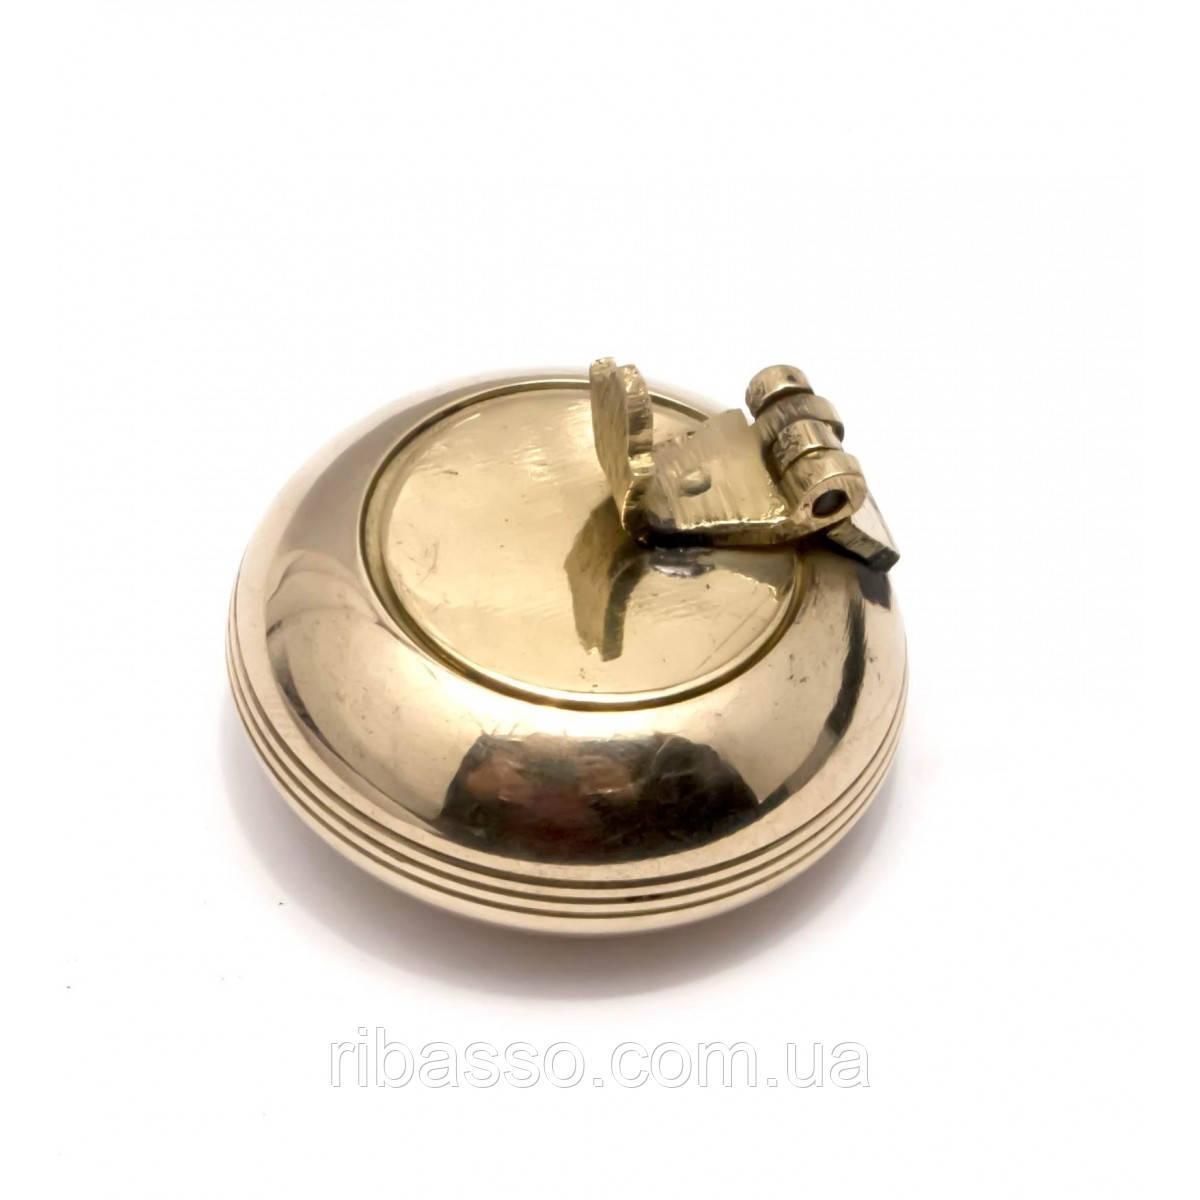 Пепельница карманная бронзовая d-4,h-2,5 см 29336